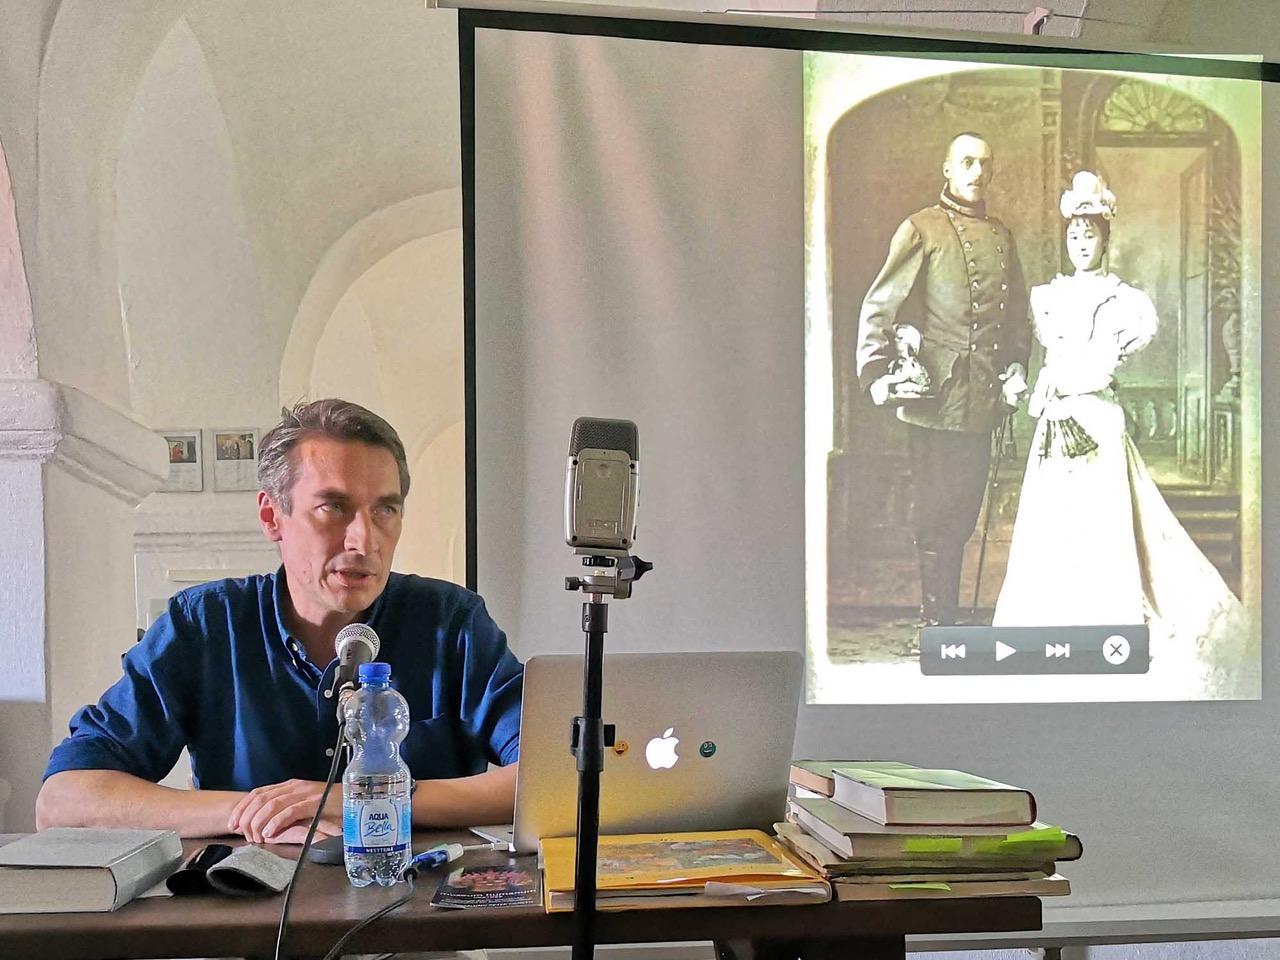 Bayern, Böhmen, Österreich, Clemens Coudenhove-Kalergi vor einem Foto des Urgroßvaters heinrich mit seiner japanischen Frau Mitsu